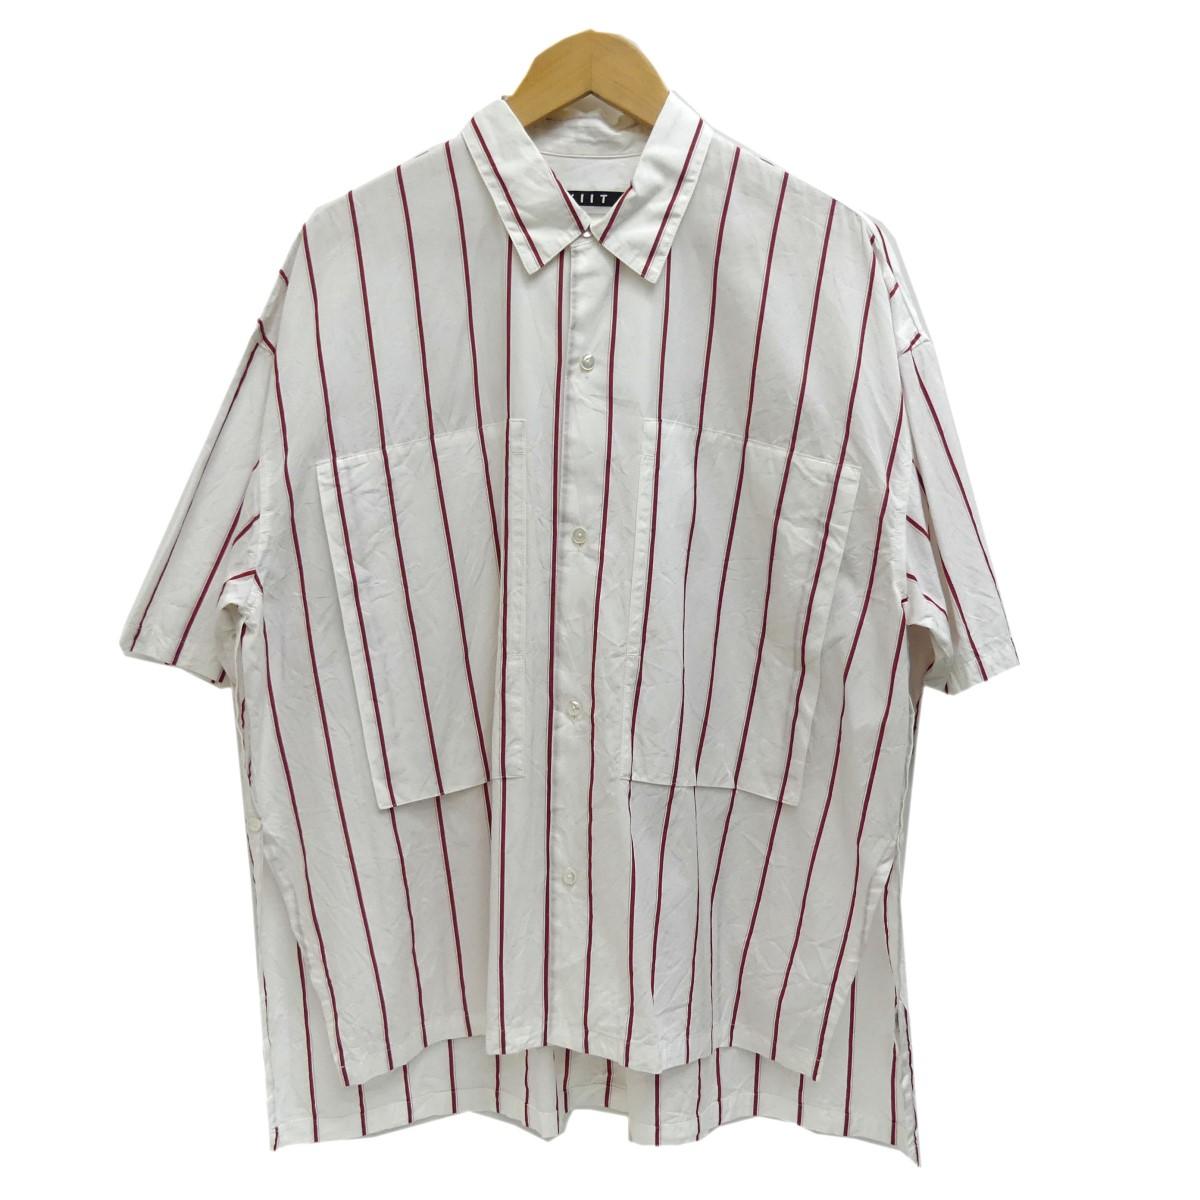 【中古】KIIT ストライプ半袖シャツ ホワイト×レッド サイズ:2 【210420】(キート)